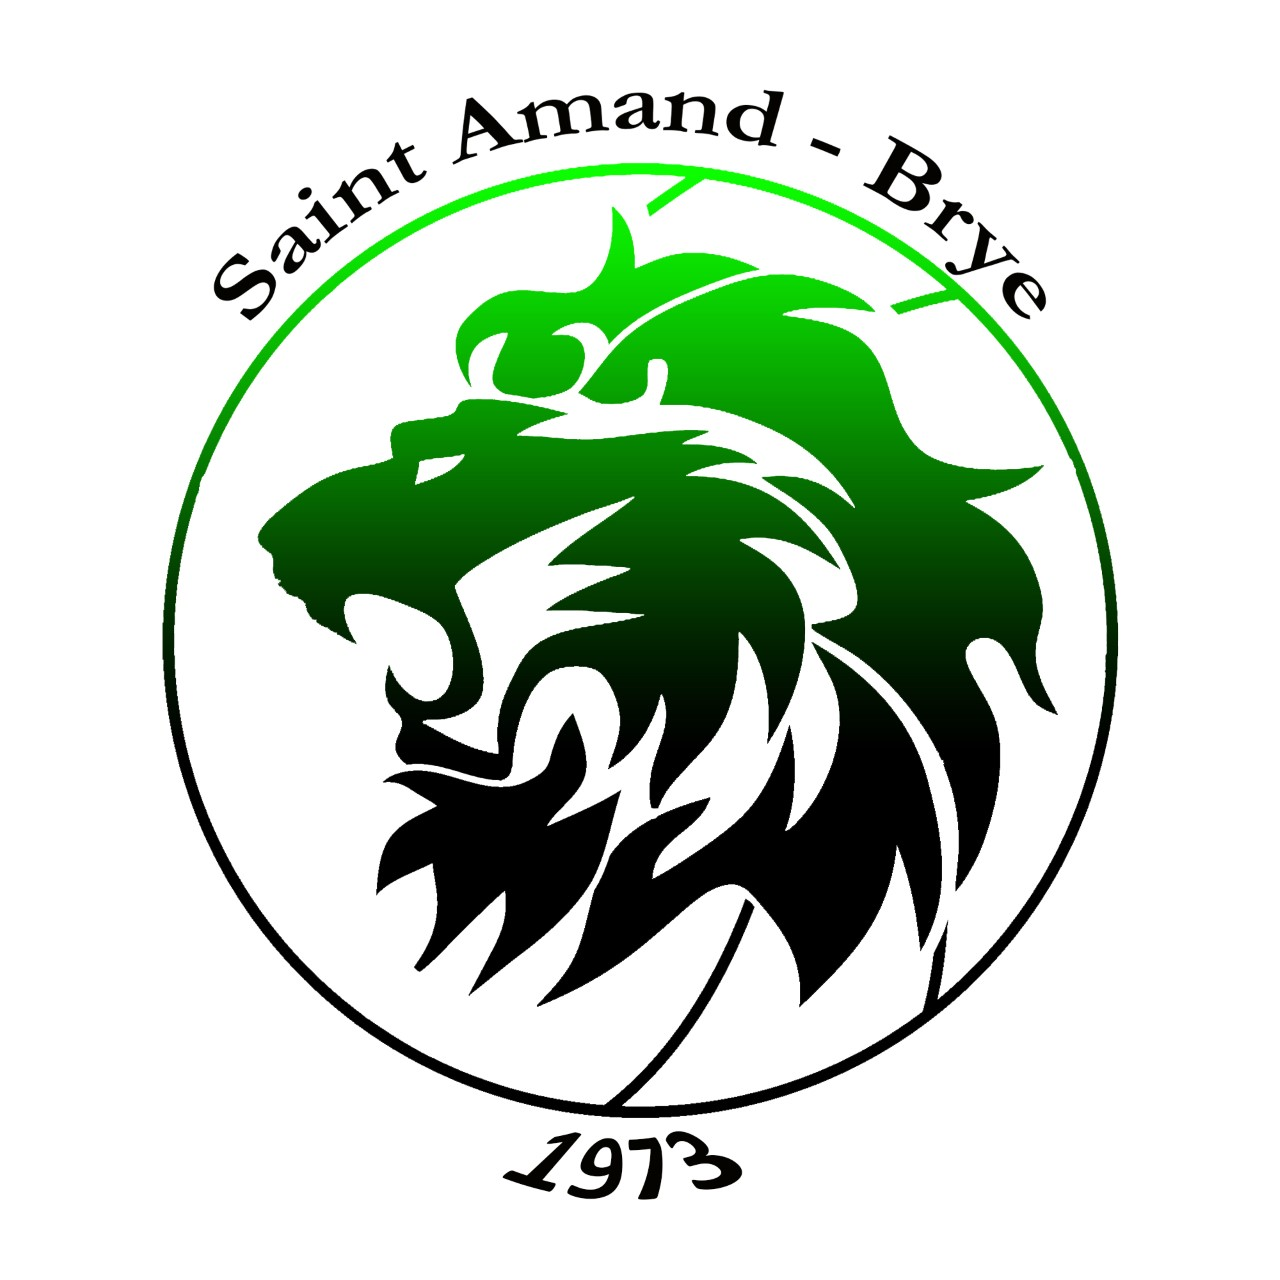 3 - AF US St Amand-Brye